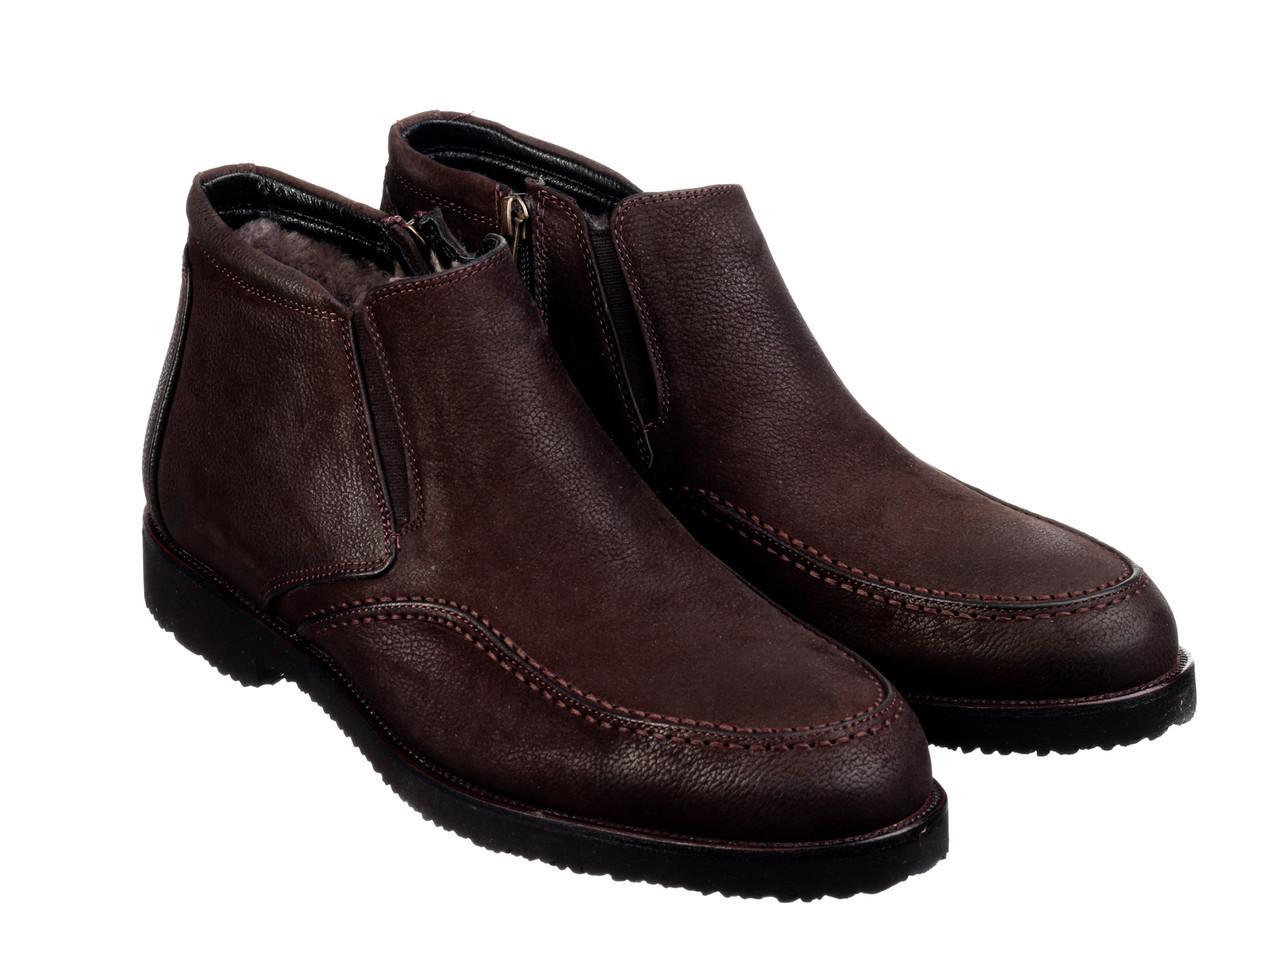 Ботинки Etor 16072-318 44 коричневые